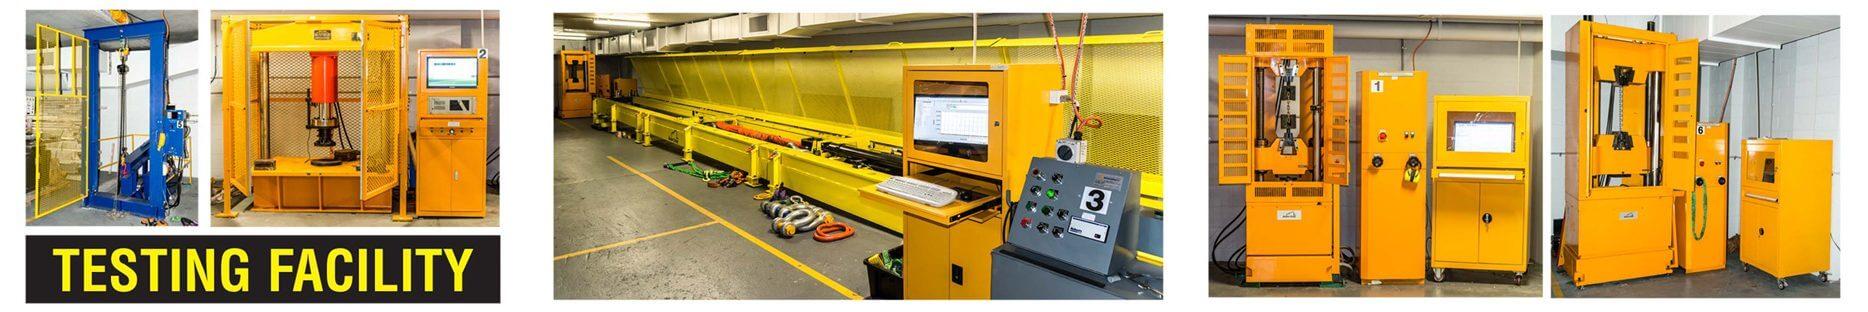 NATA Testing Facility